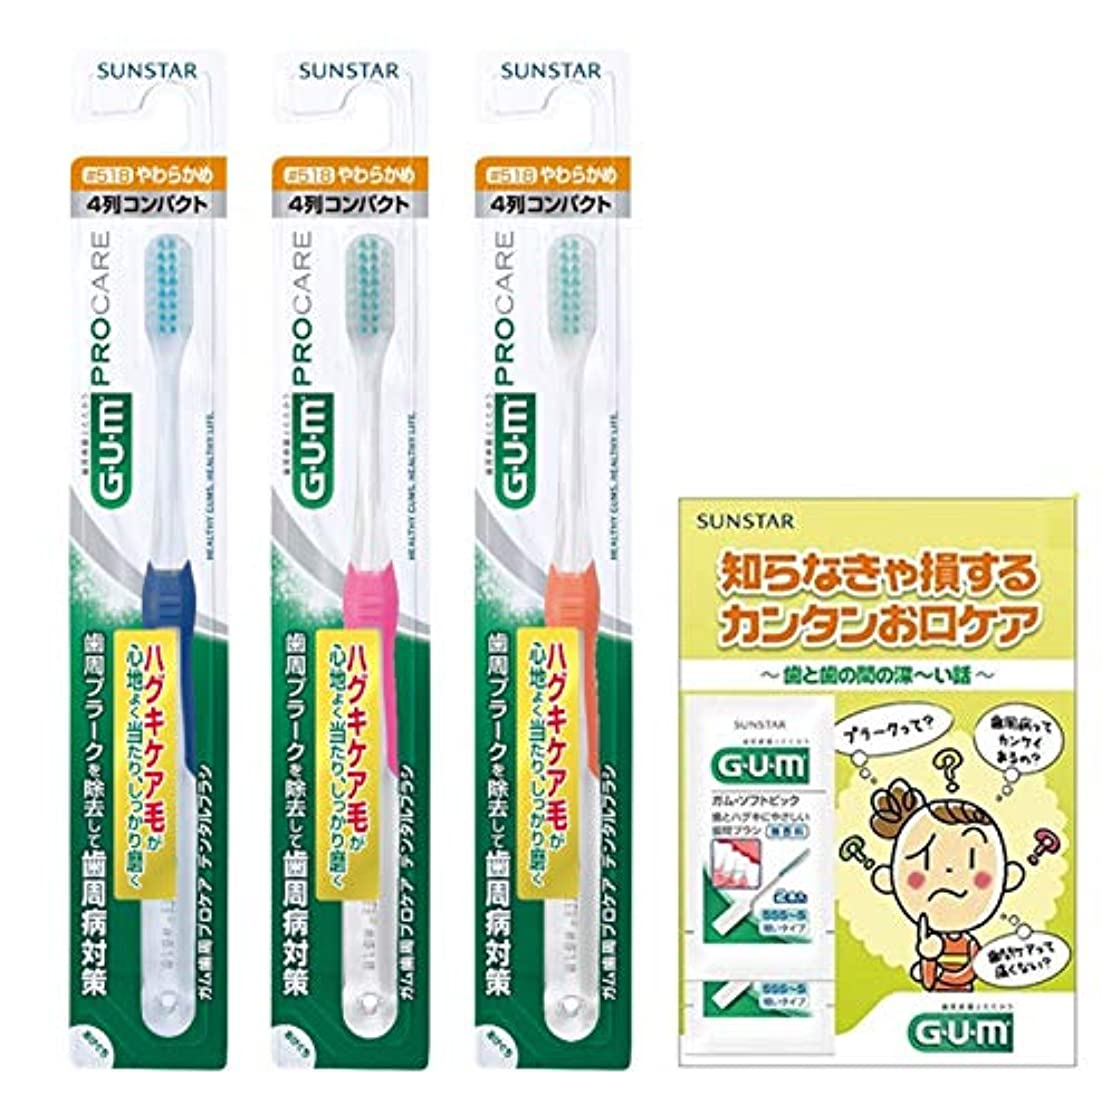 GUM(ガム)歯周プロケア ハブラシ #518 [4列コンパクトヘッド?やわらかめ] 3本パック+おまけ付き